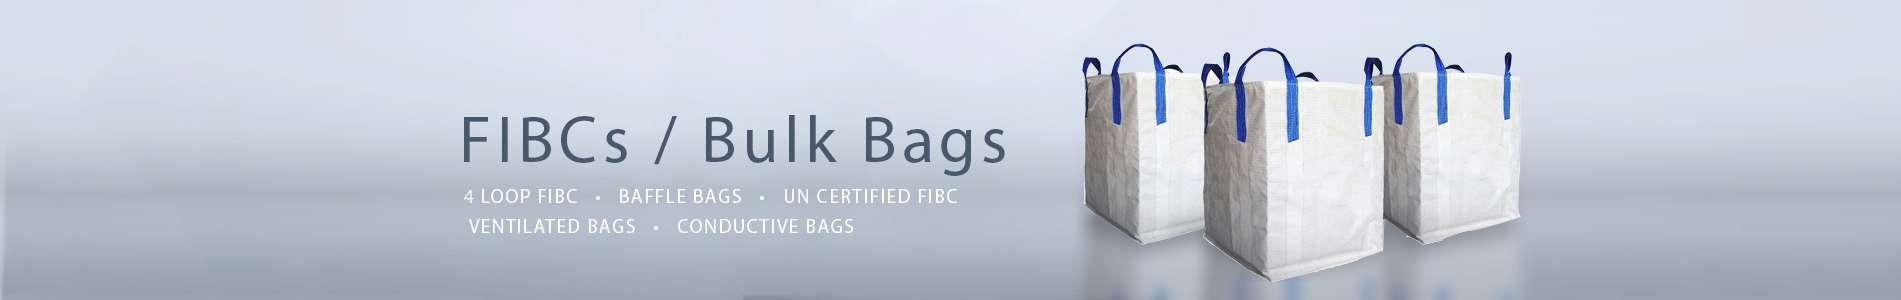 FIBCs / Bulk Bags